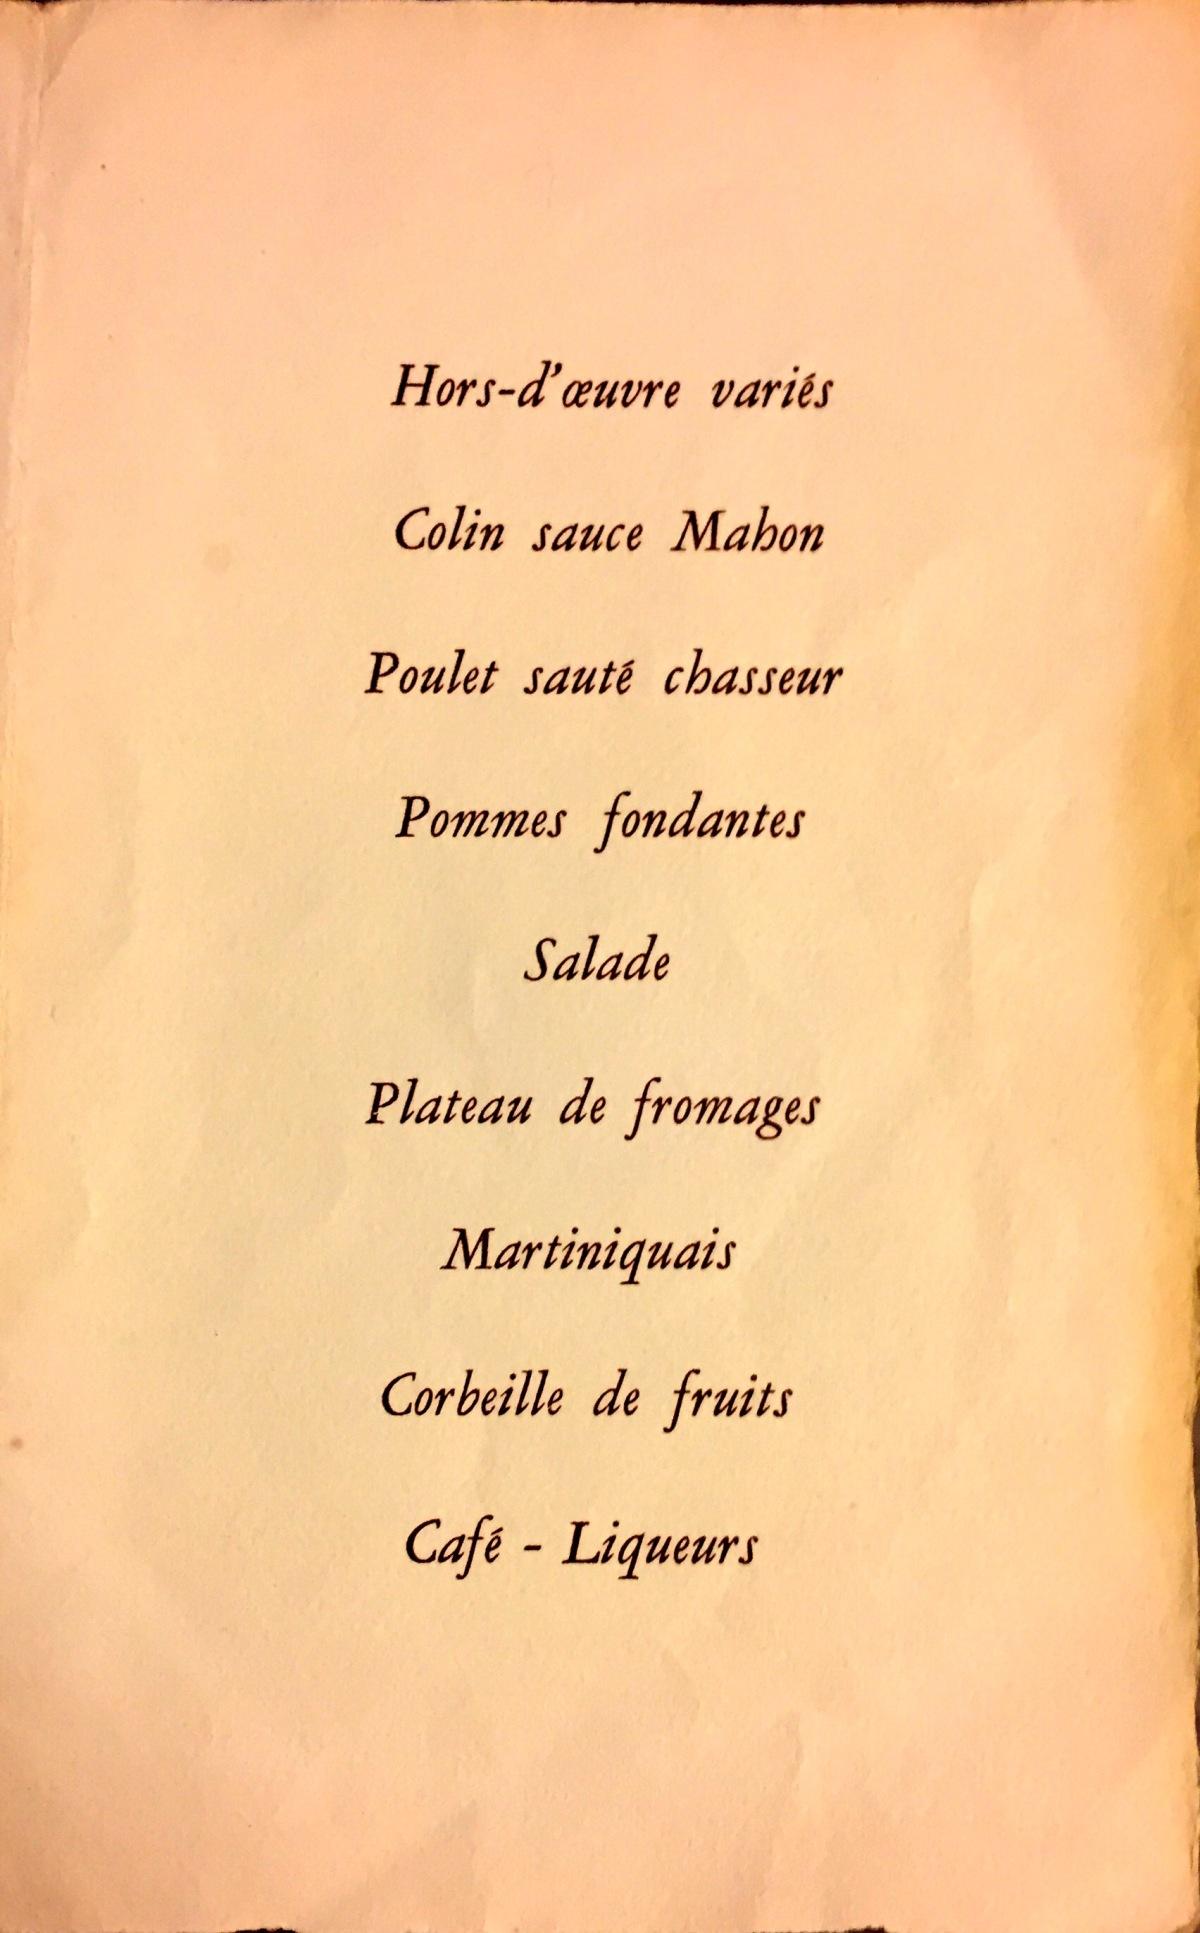 menu-fete-de-jeanne-darc-2